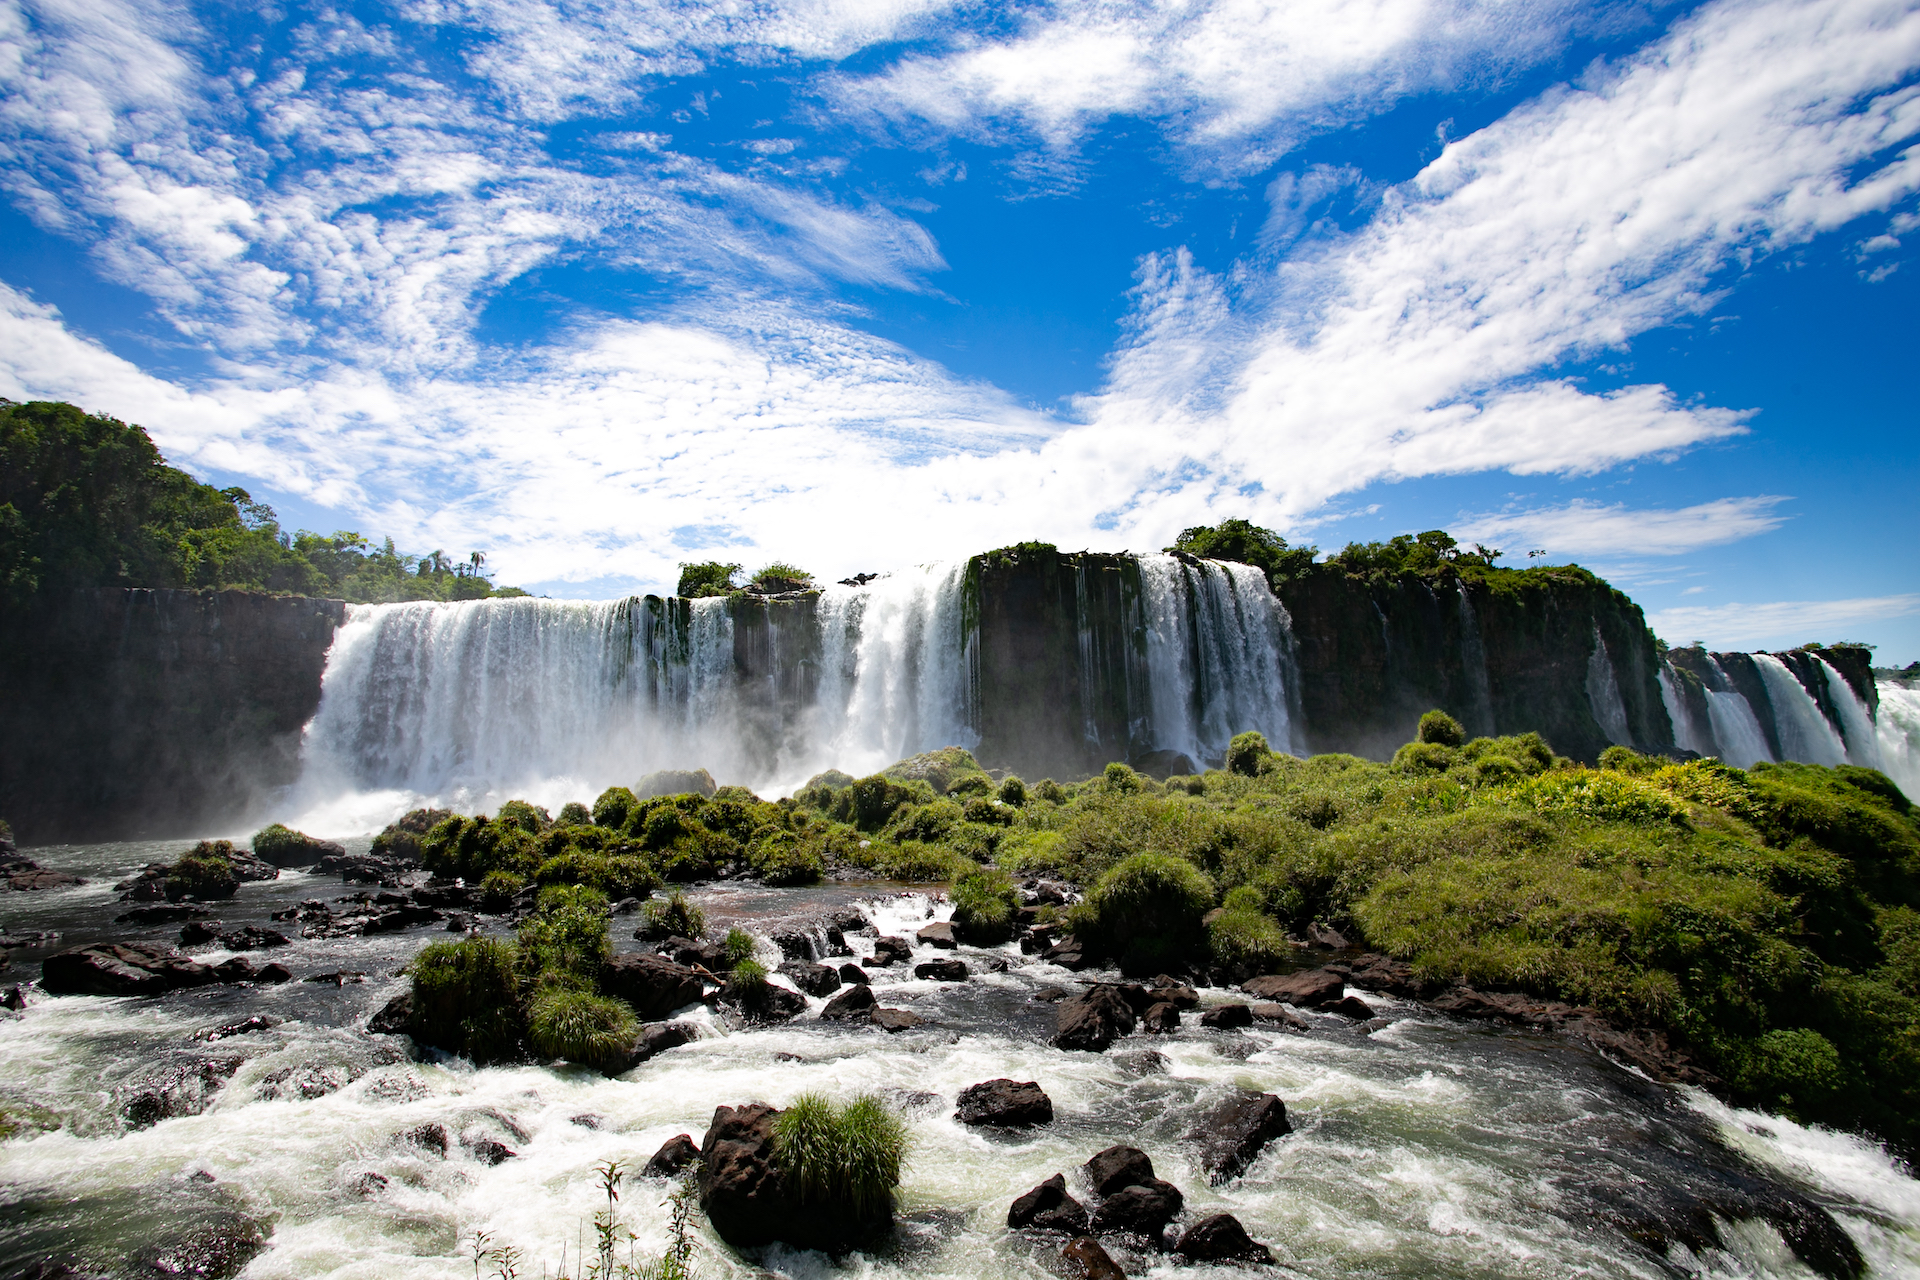 Fotos em Foz: Confira estas fotos criativas e se inspire fotografando nas Cataratas do Iguaçu